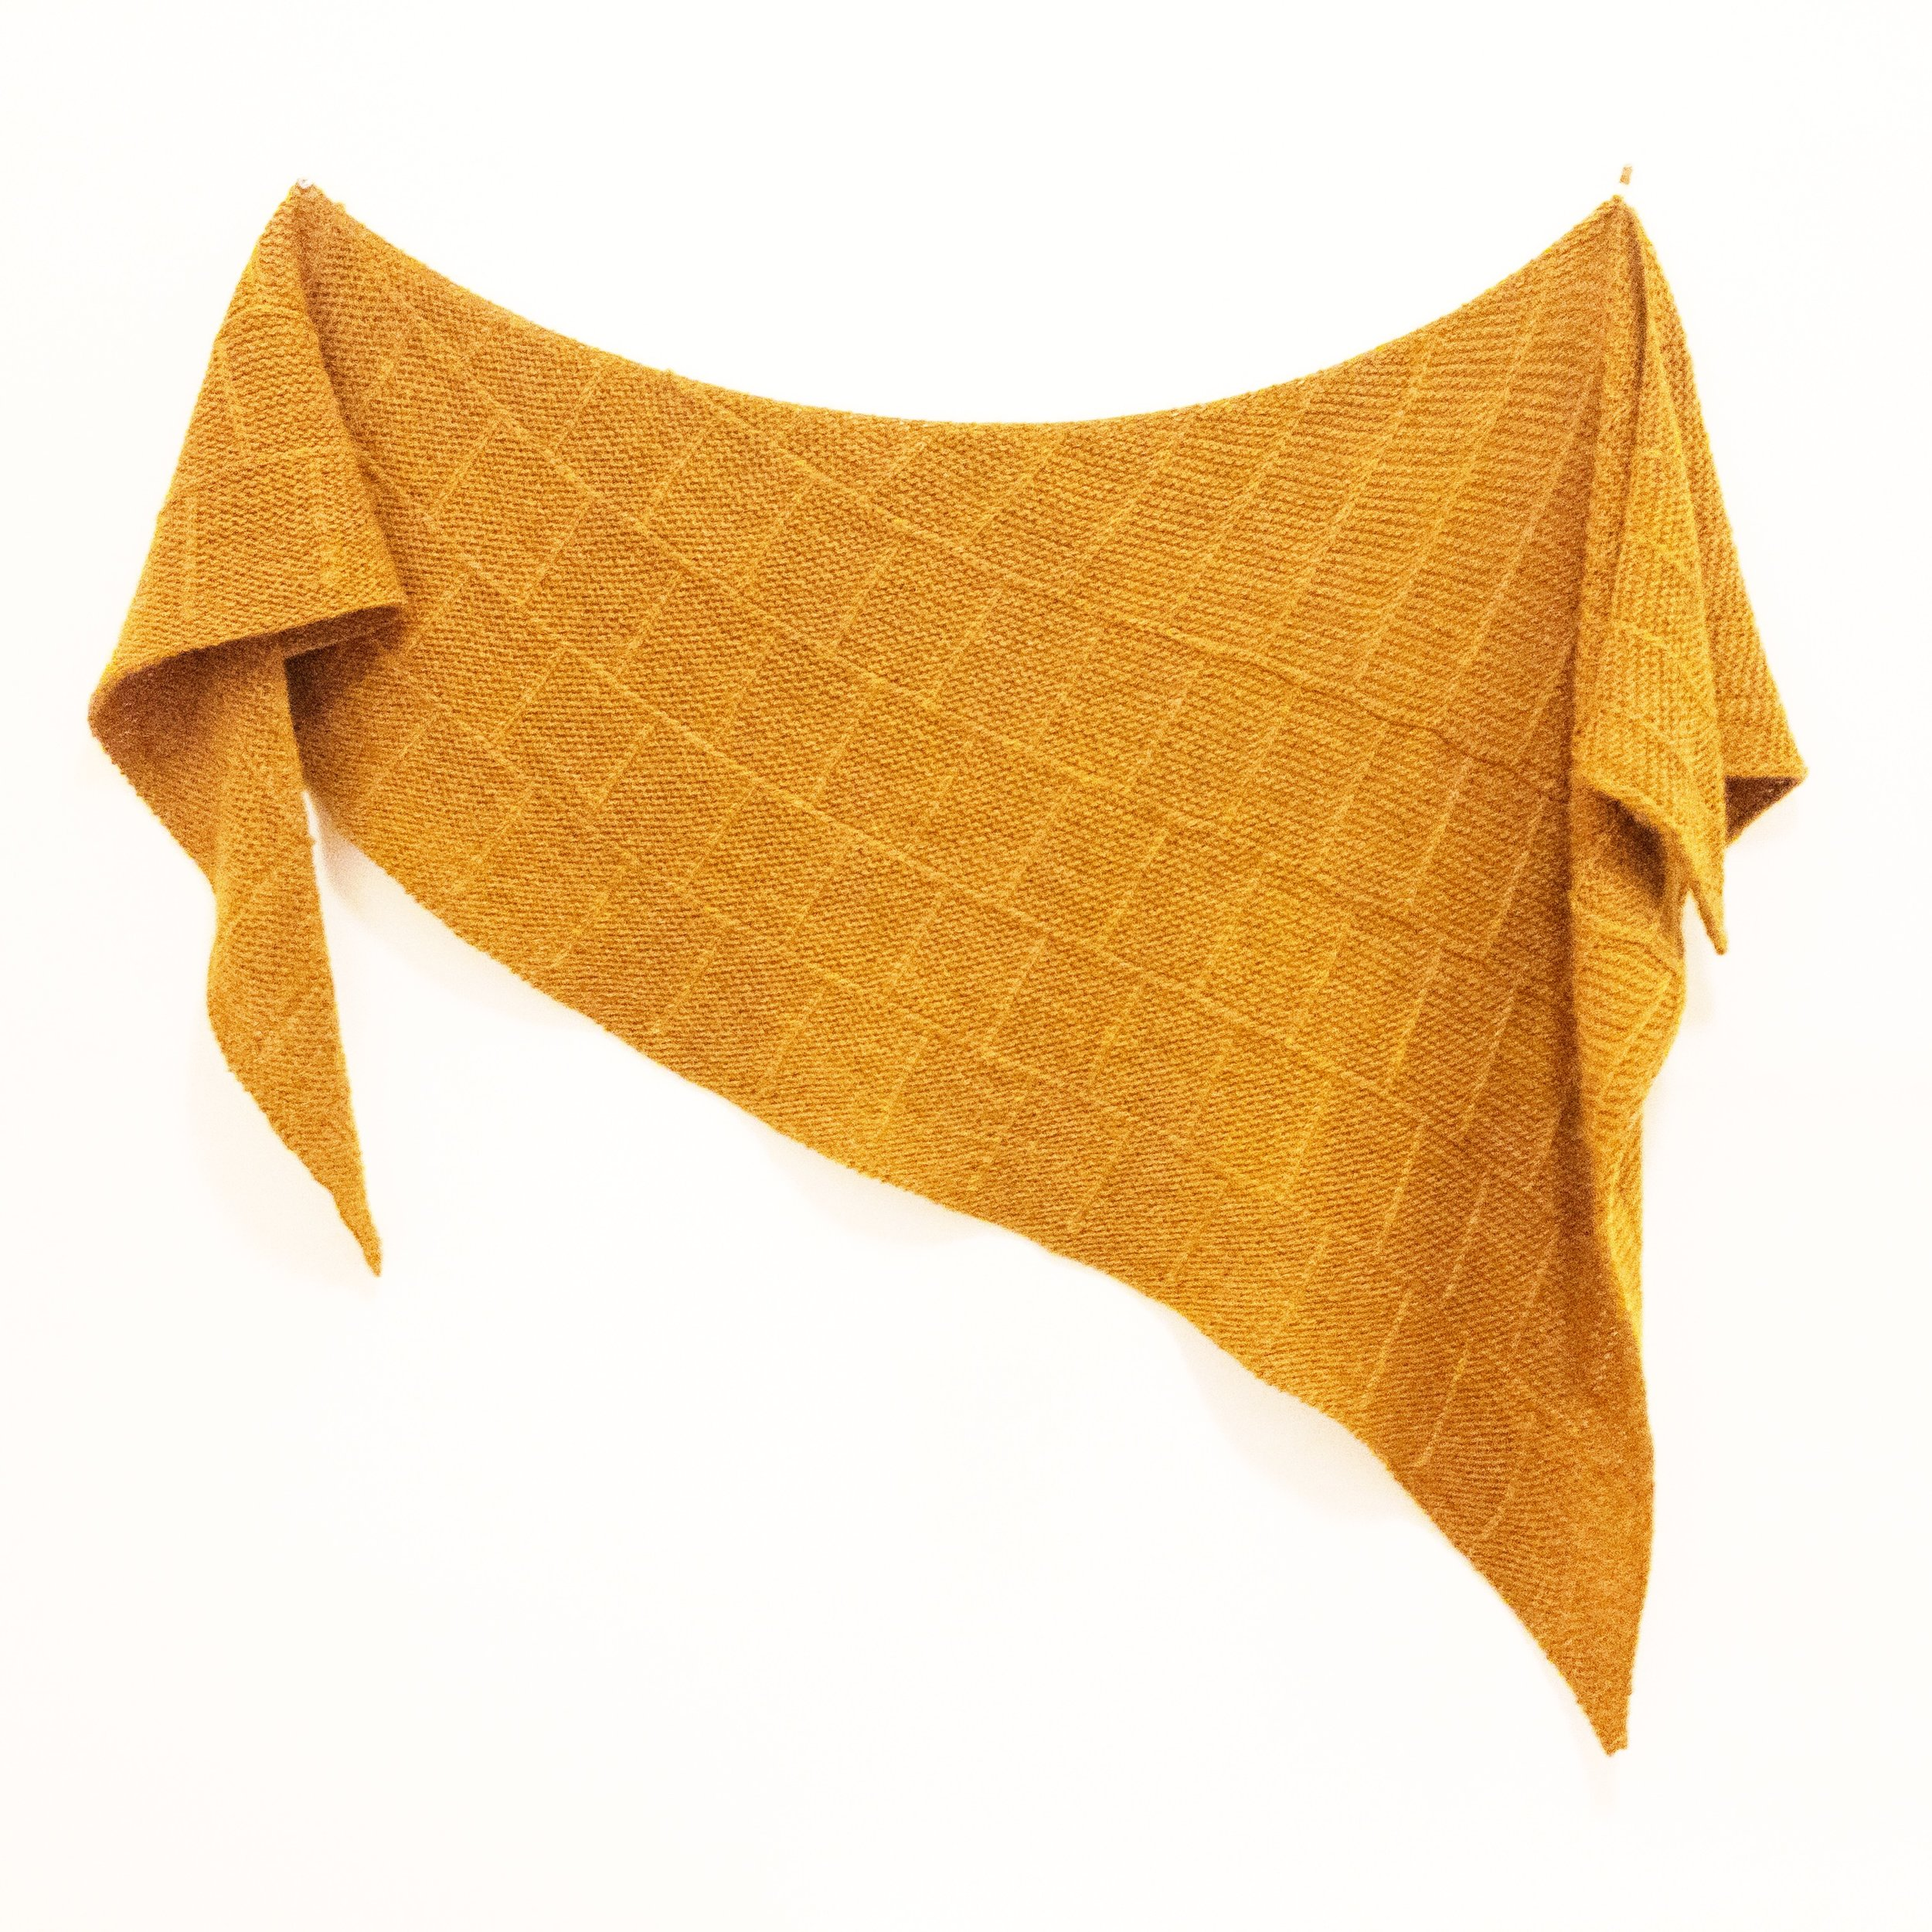 Beton Brut shawl - WY in Goldenrod.JPG